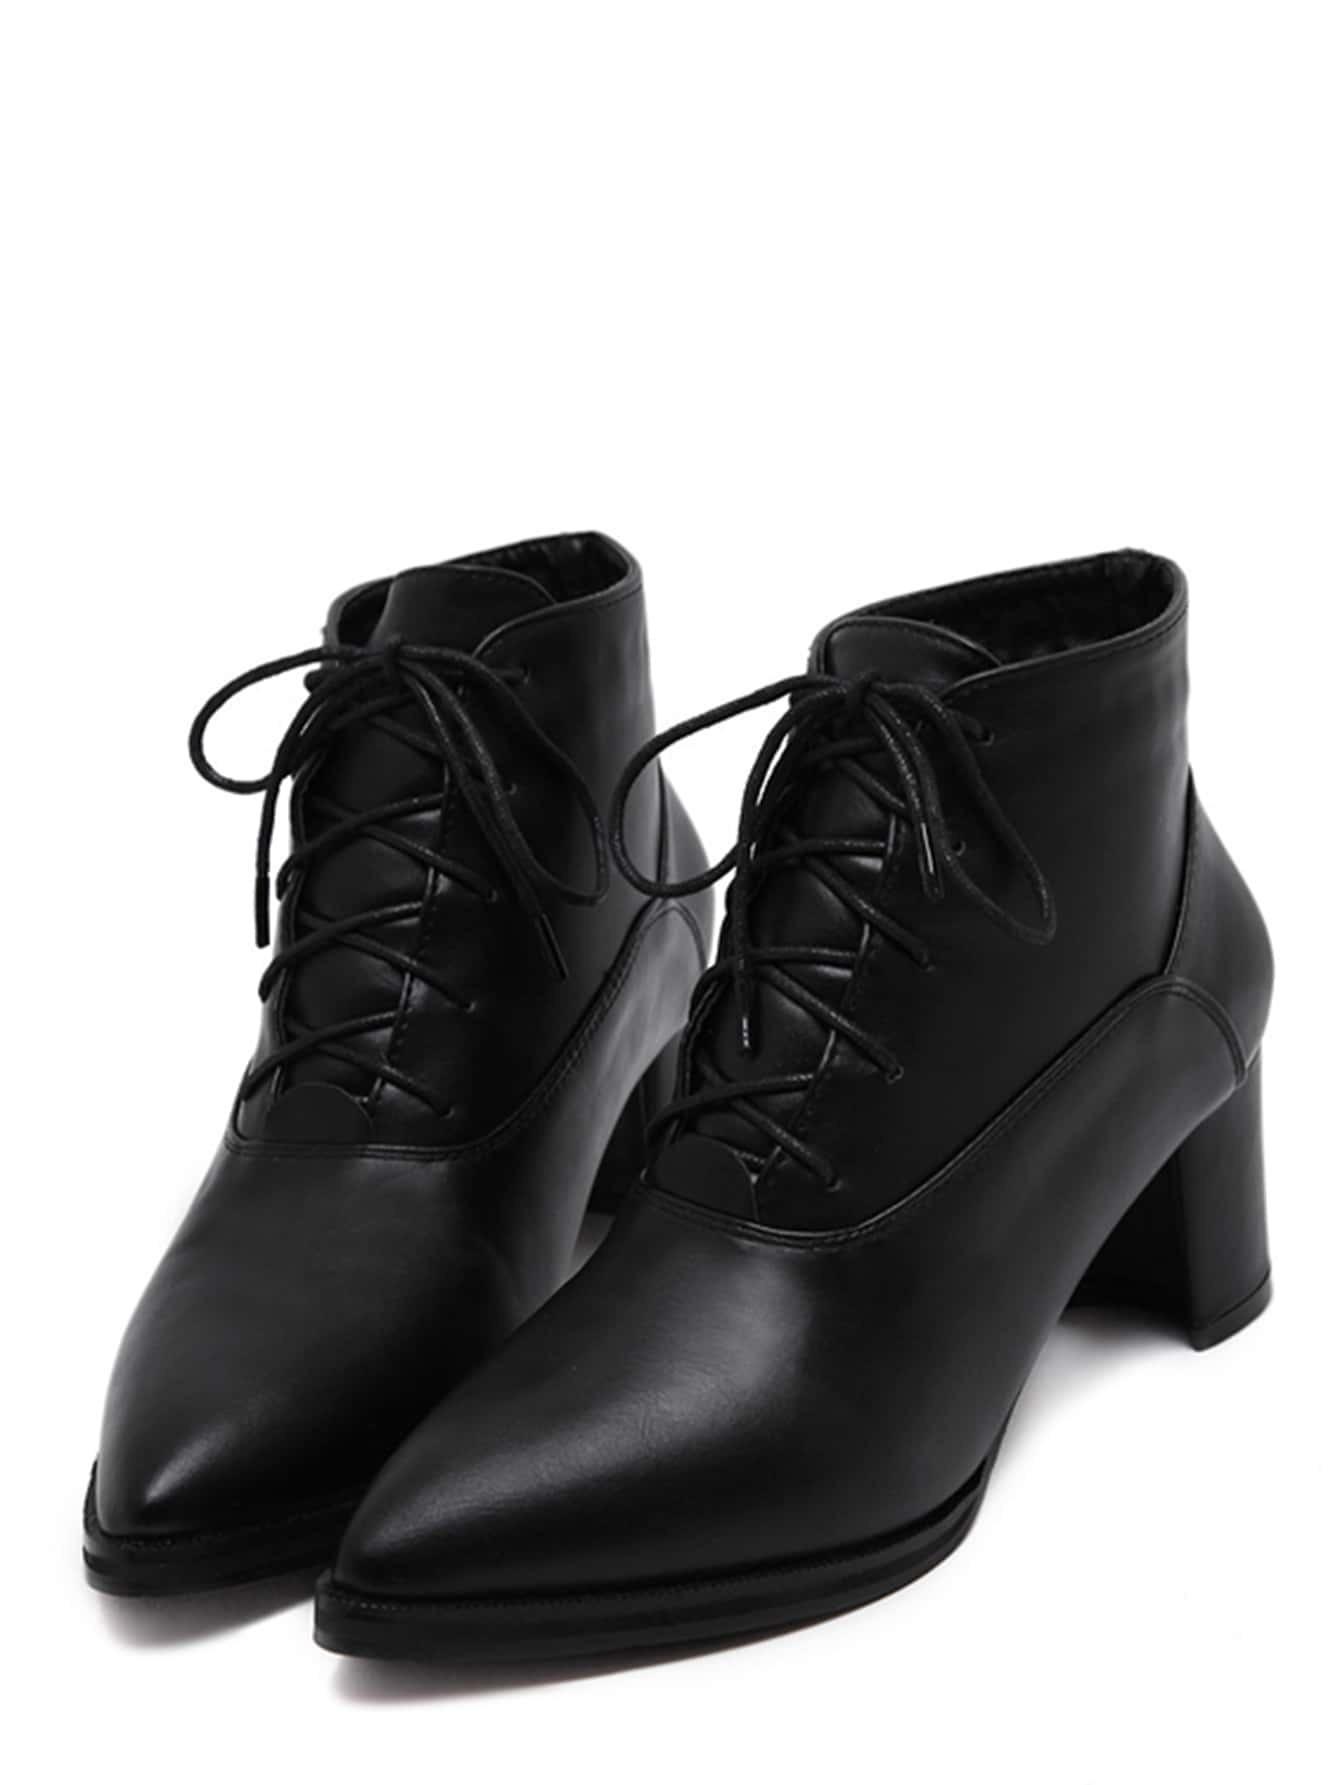 shoes160816818_2